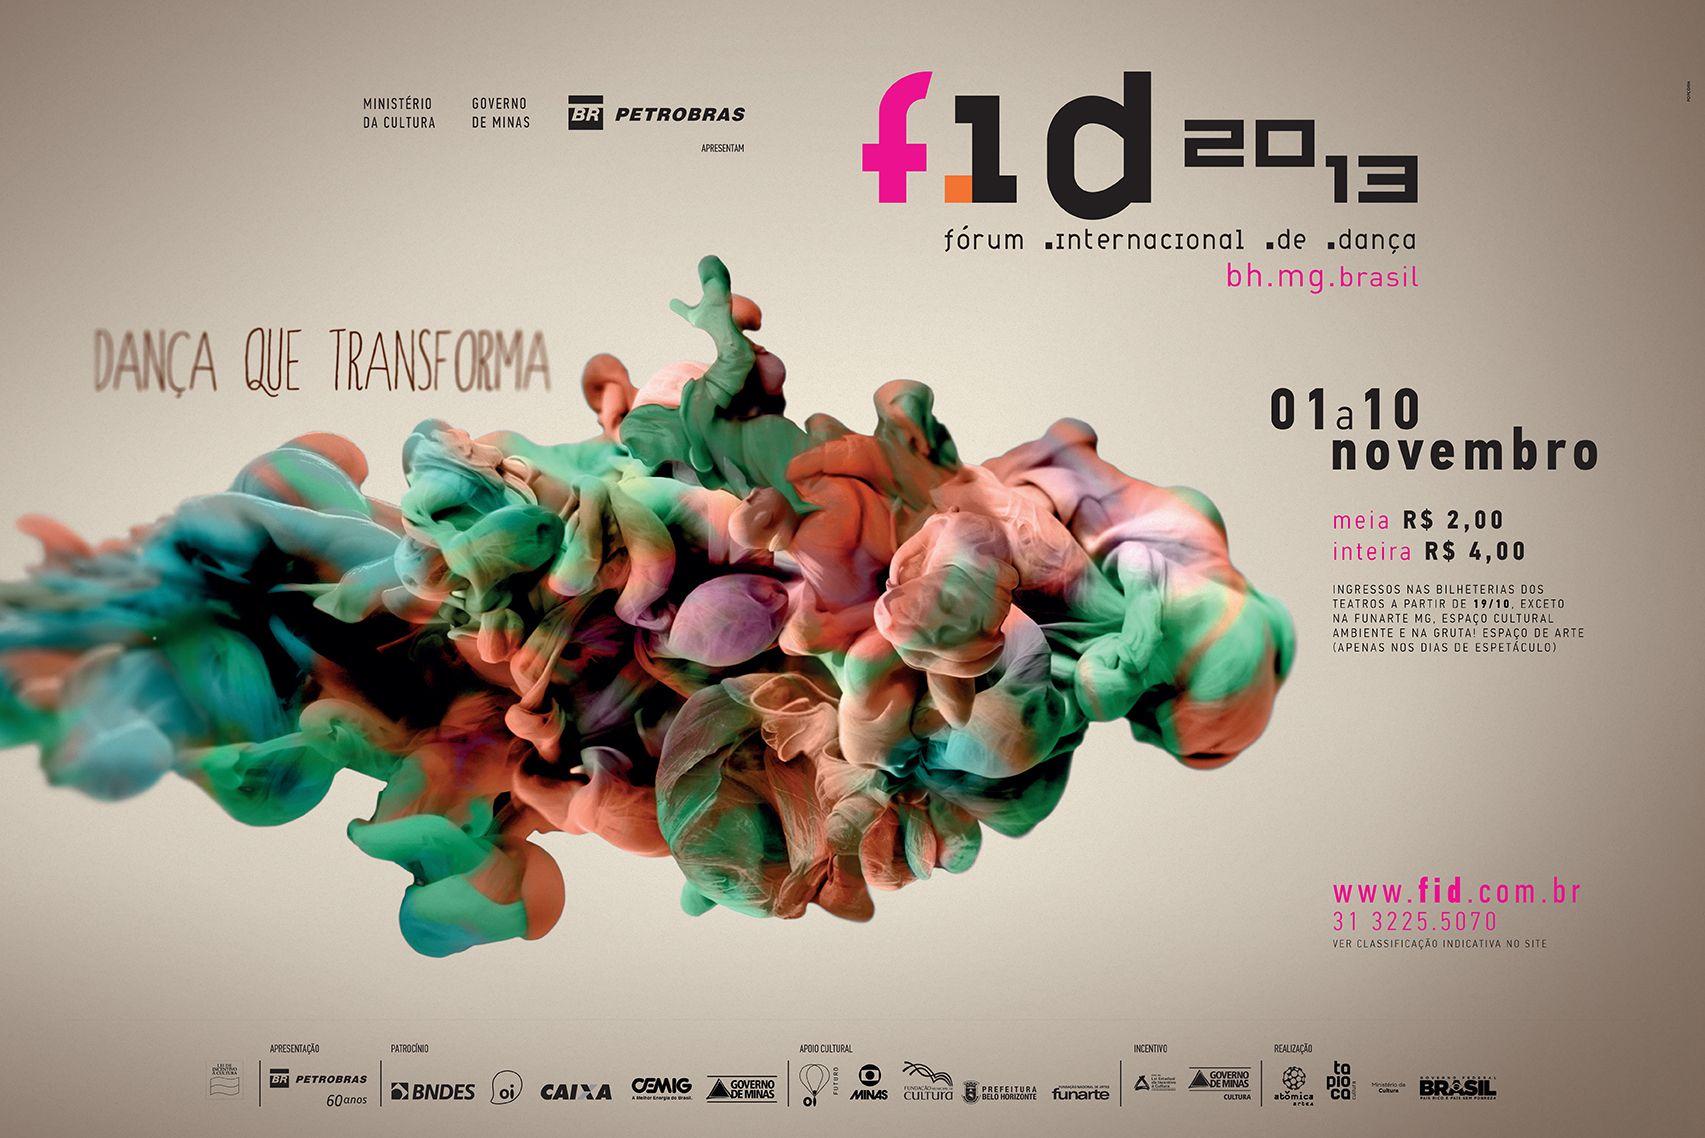 Cartaz para o FID - Fórum Internacional de Dança. Ouro no 3º Prêmio Minas de Comunicação.